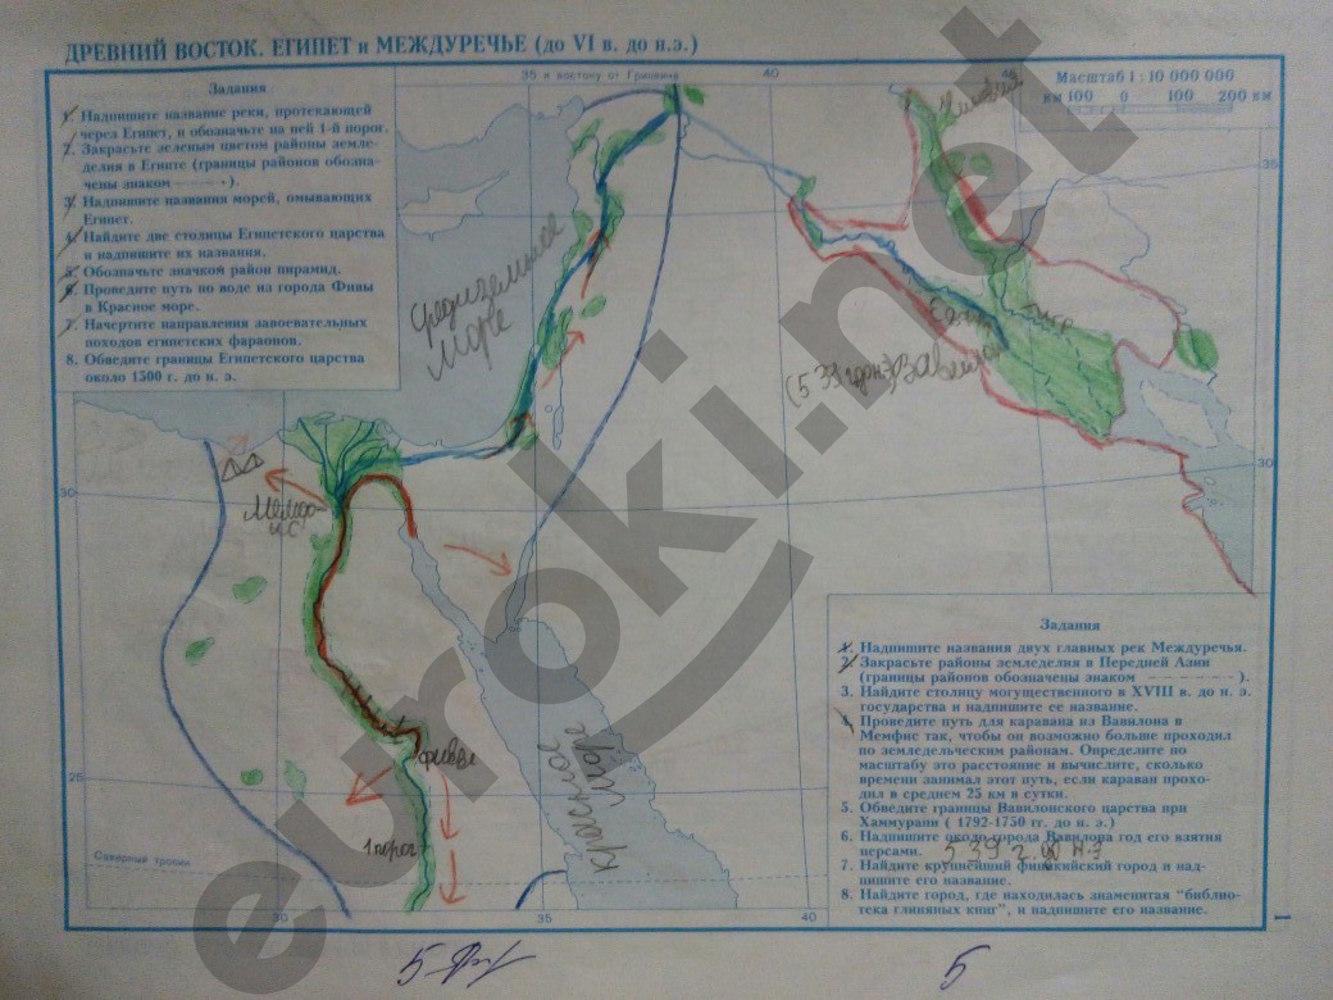 ГДЗ по истории 5 класс контурные карты Стоялова. Задание: стр. 1